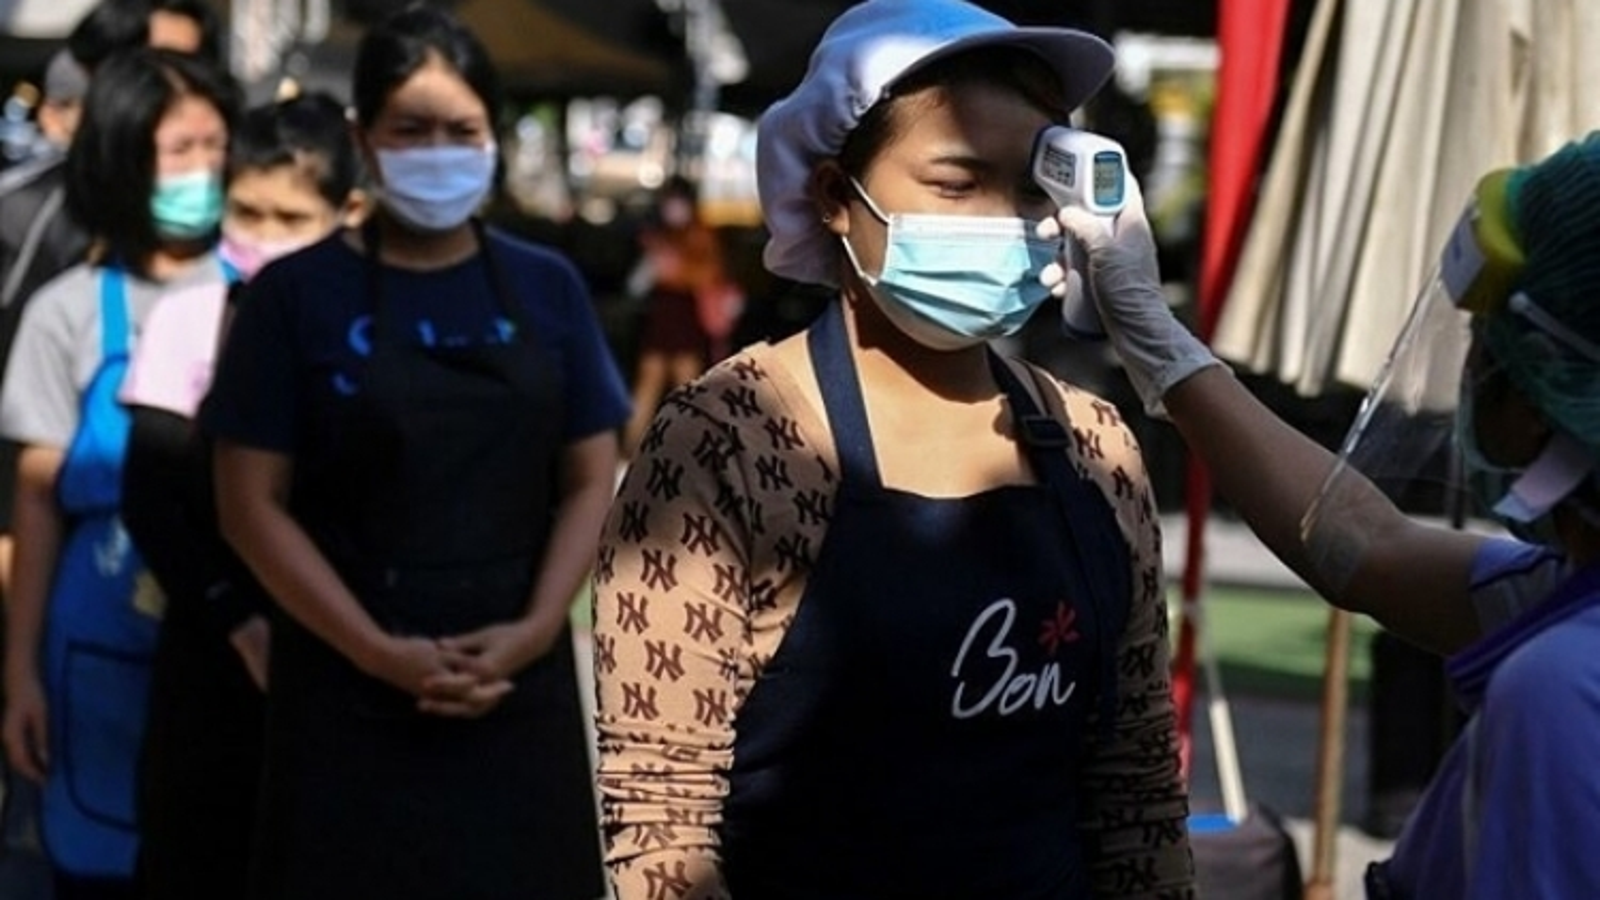 Thái Lan tái áp đặt lệnh giới nghiêm để phòng chống Covid-19